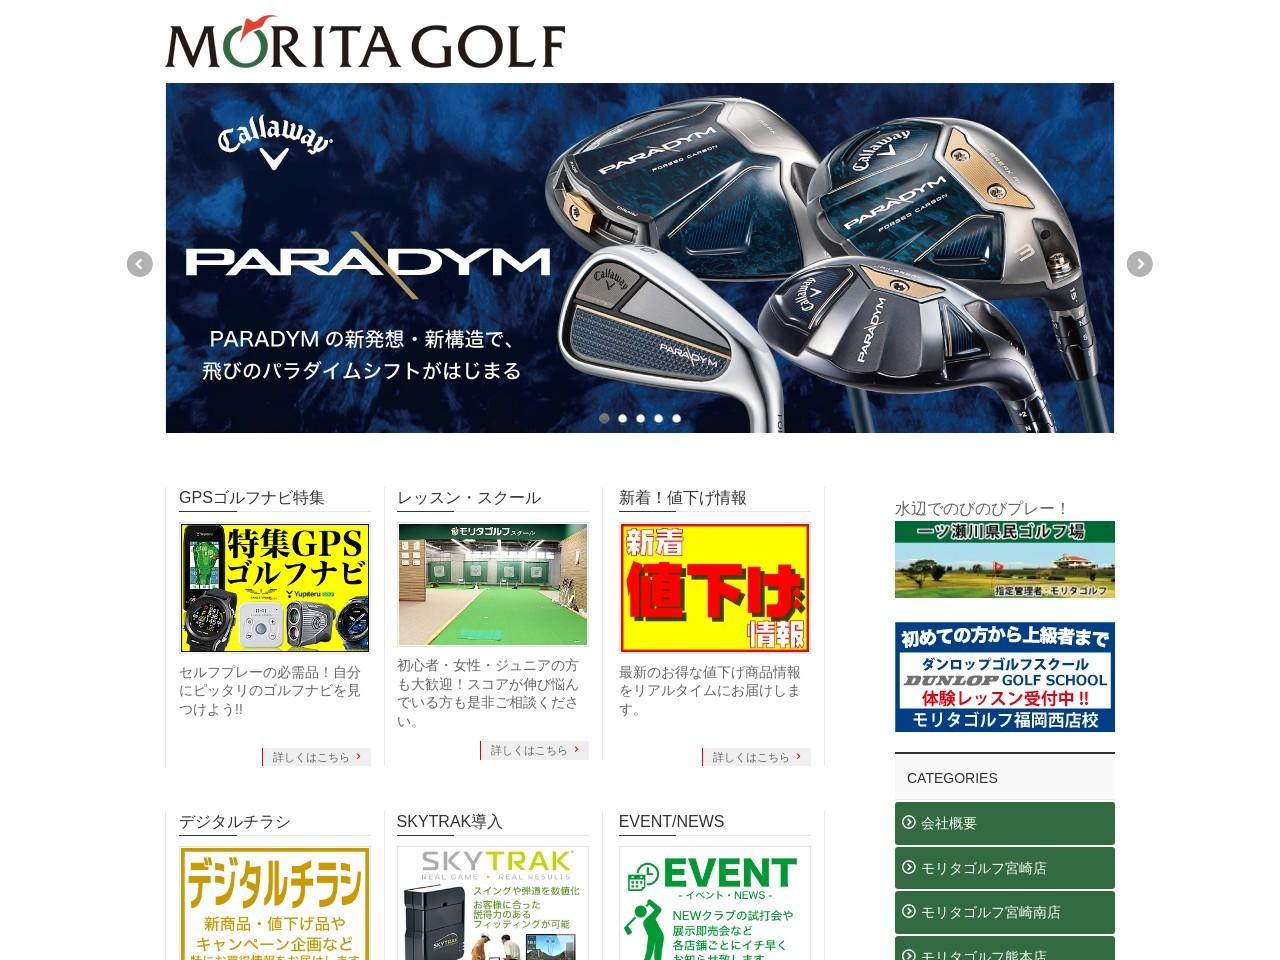 モリタゴルフ宮崎店